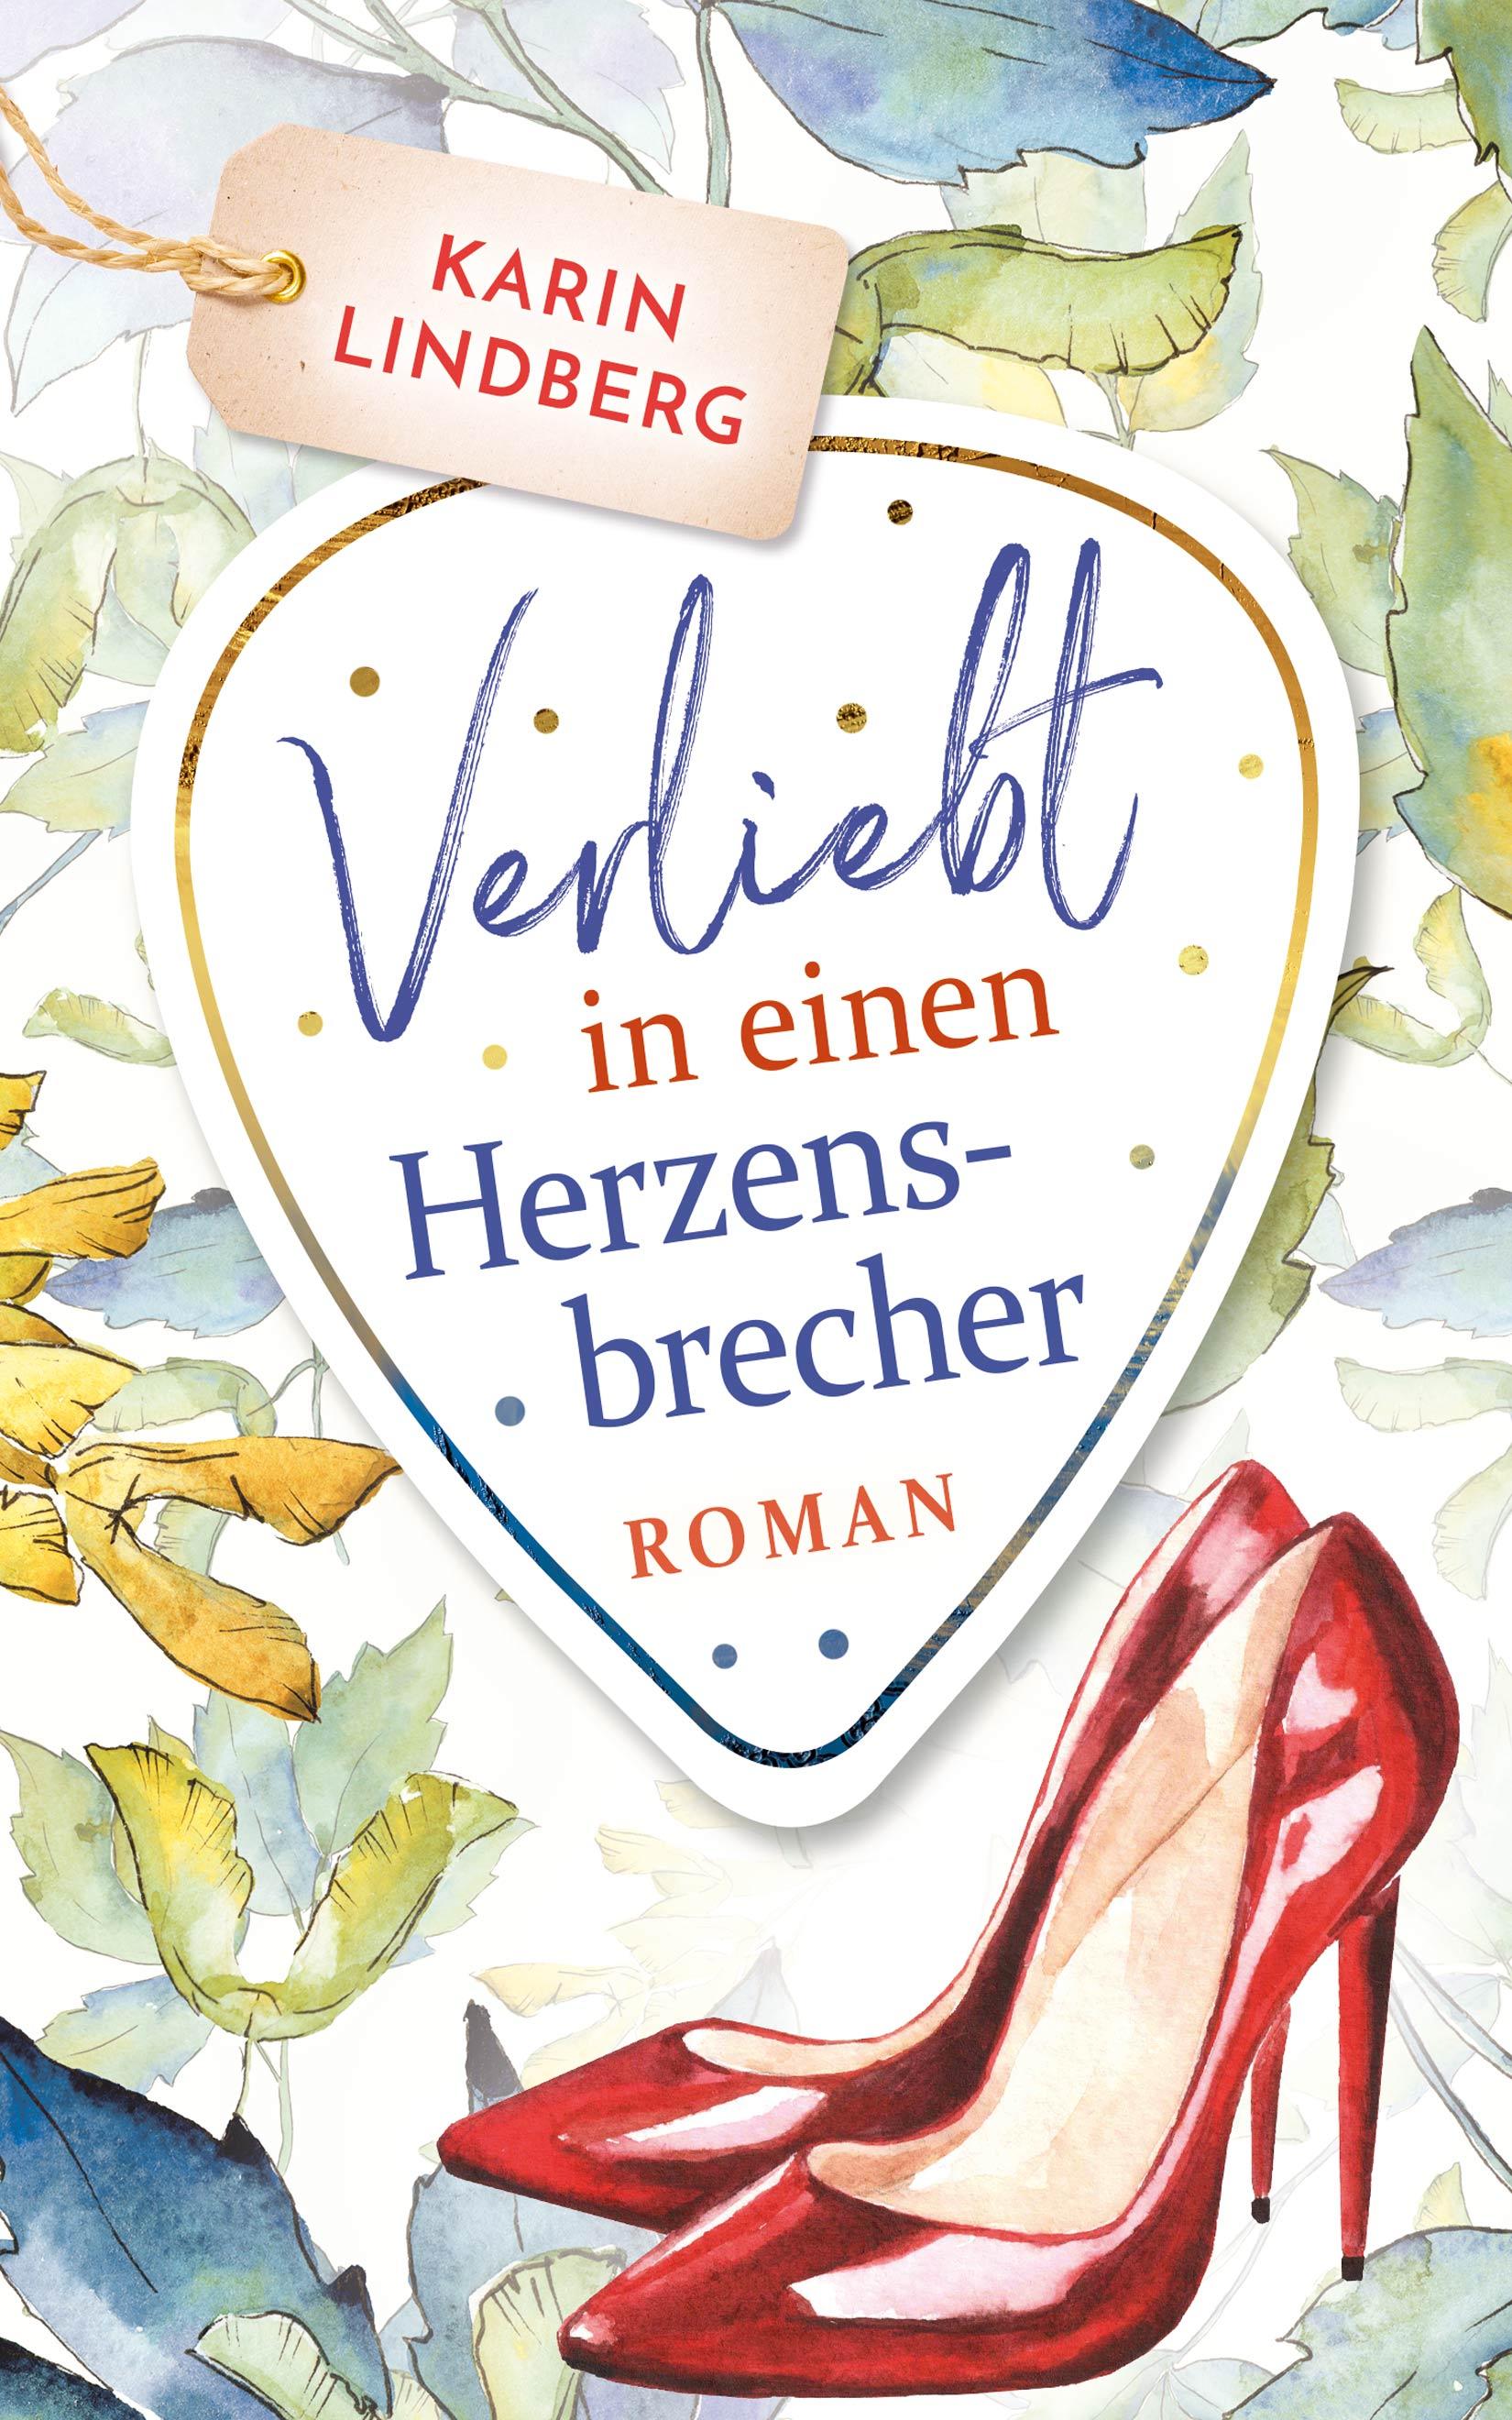 Klein-Verliebt-in-einen-Herzensbrecher-Ebook-01-CK.jpg